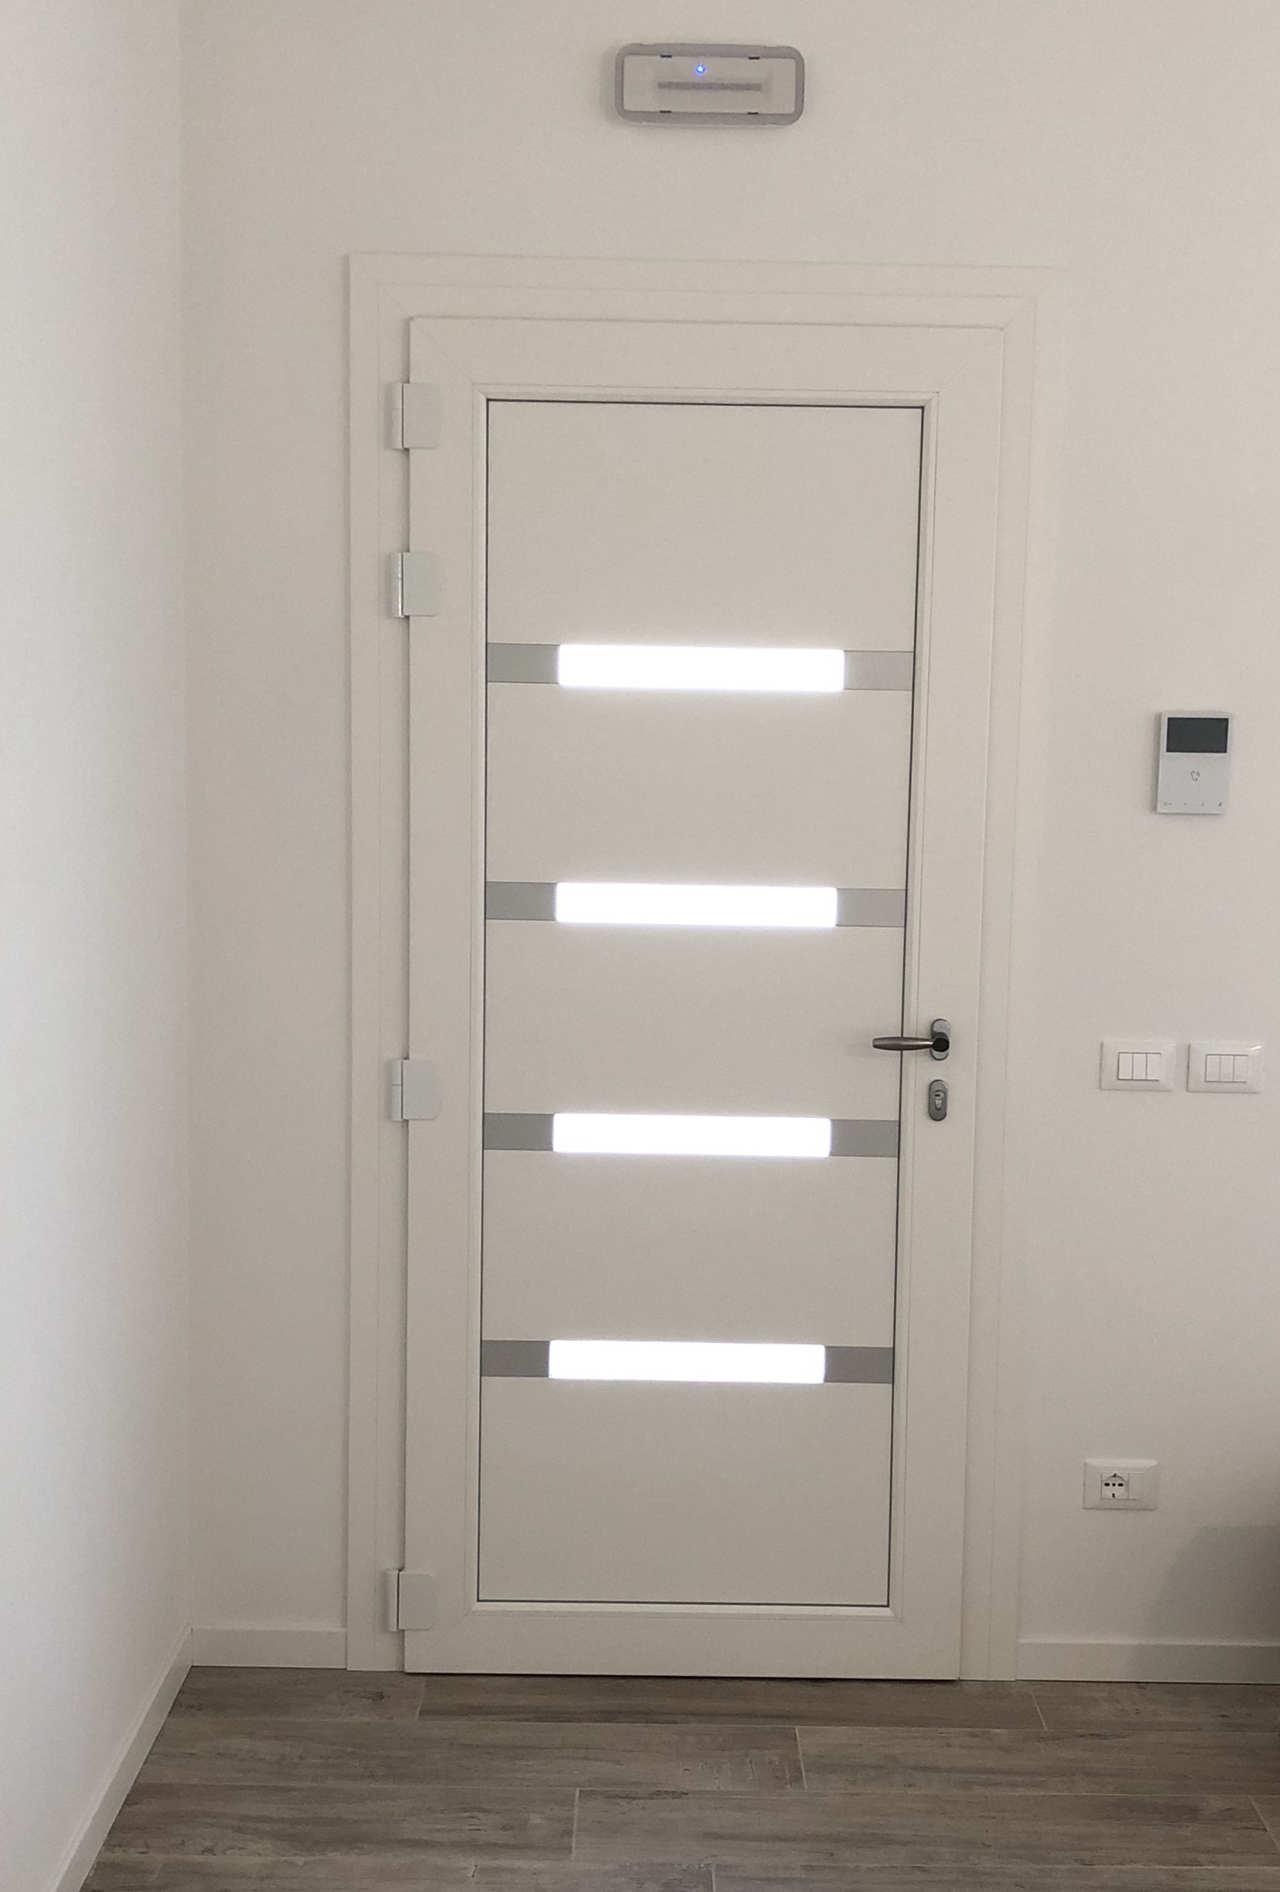 Contatti Ufficio Linea Emme Serramenti Realizzazioni In Pvc Finestre E Porte 40